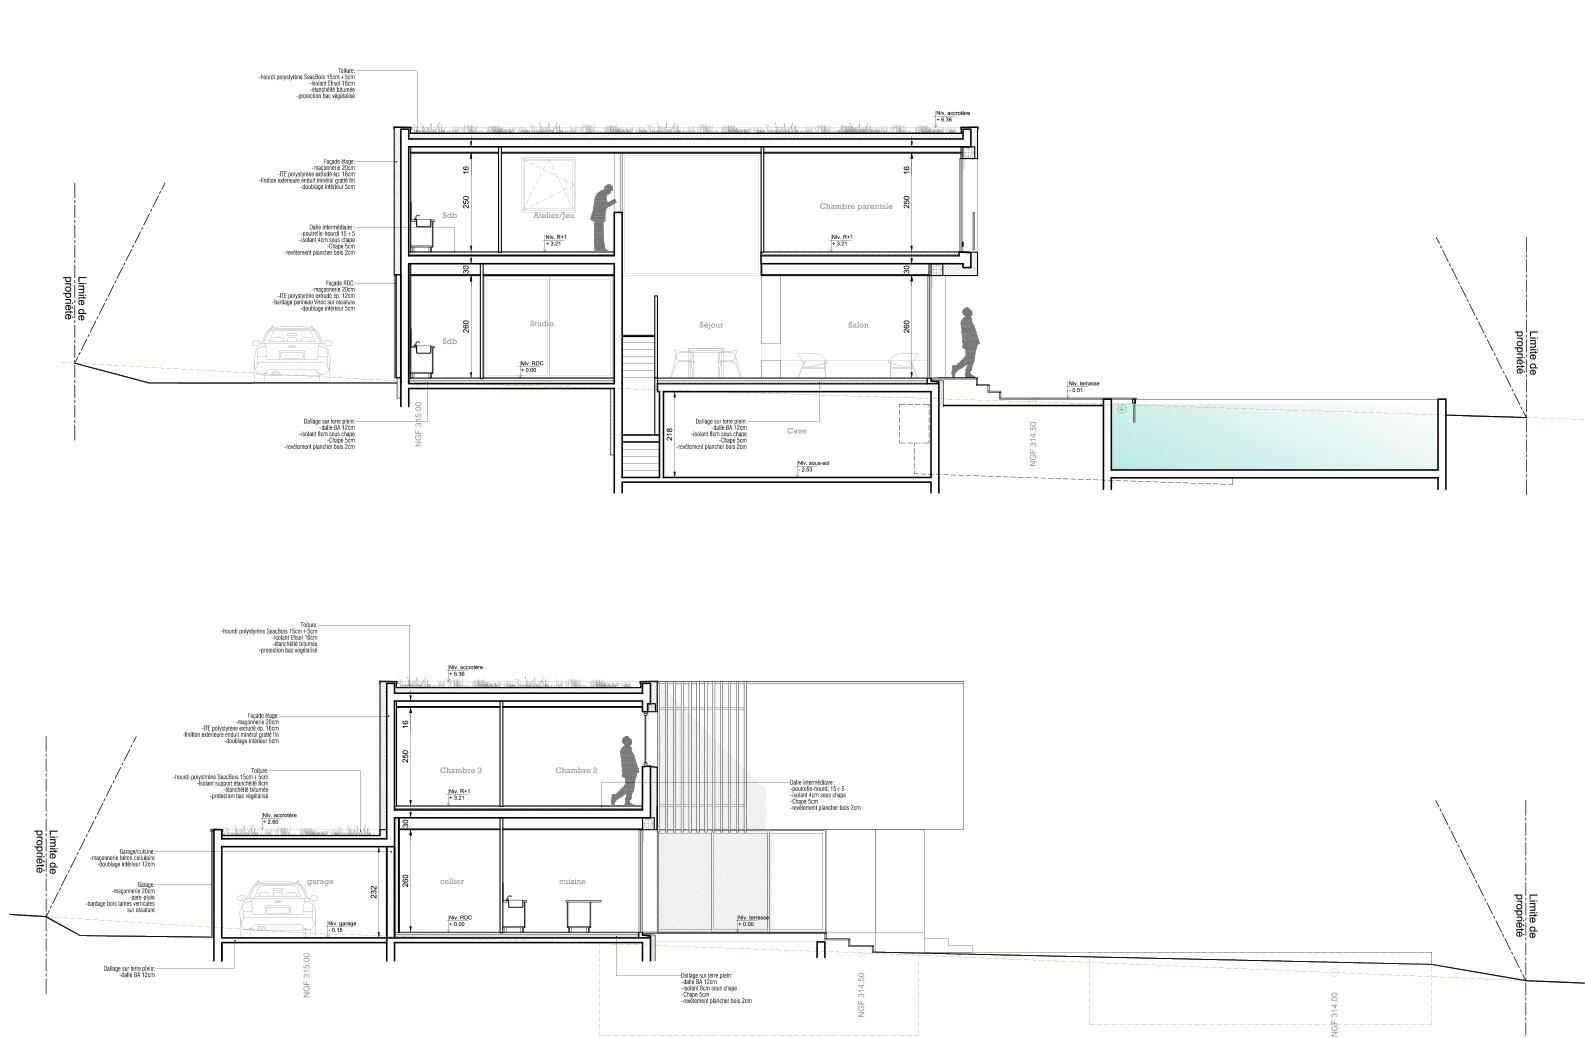 Maison-contemporain-architecte-croquis_Plan-Coupe-technique